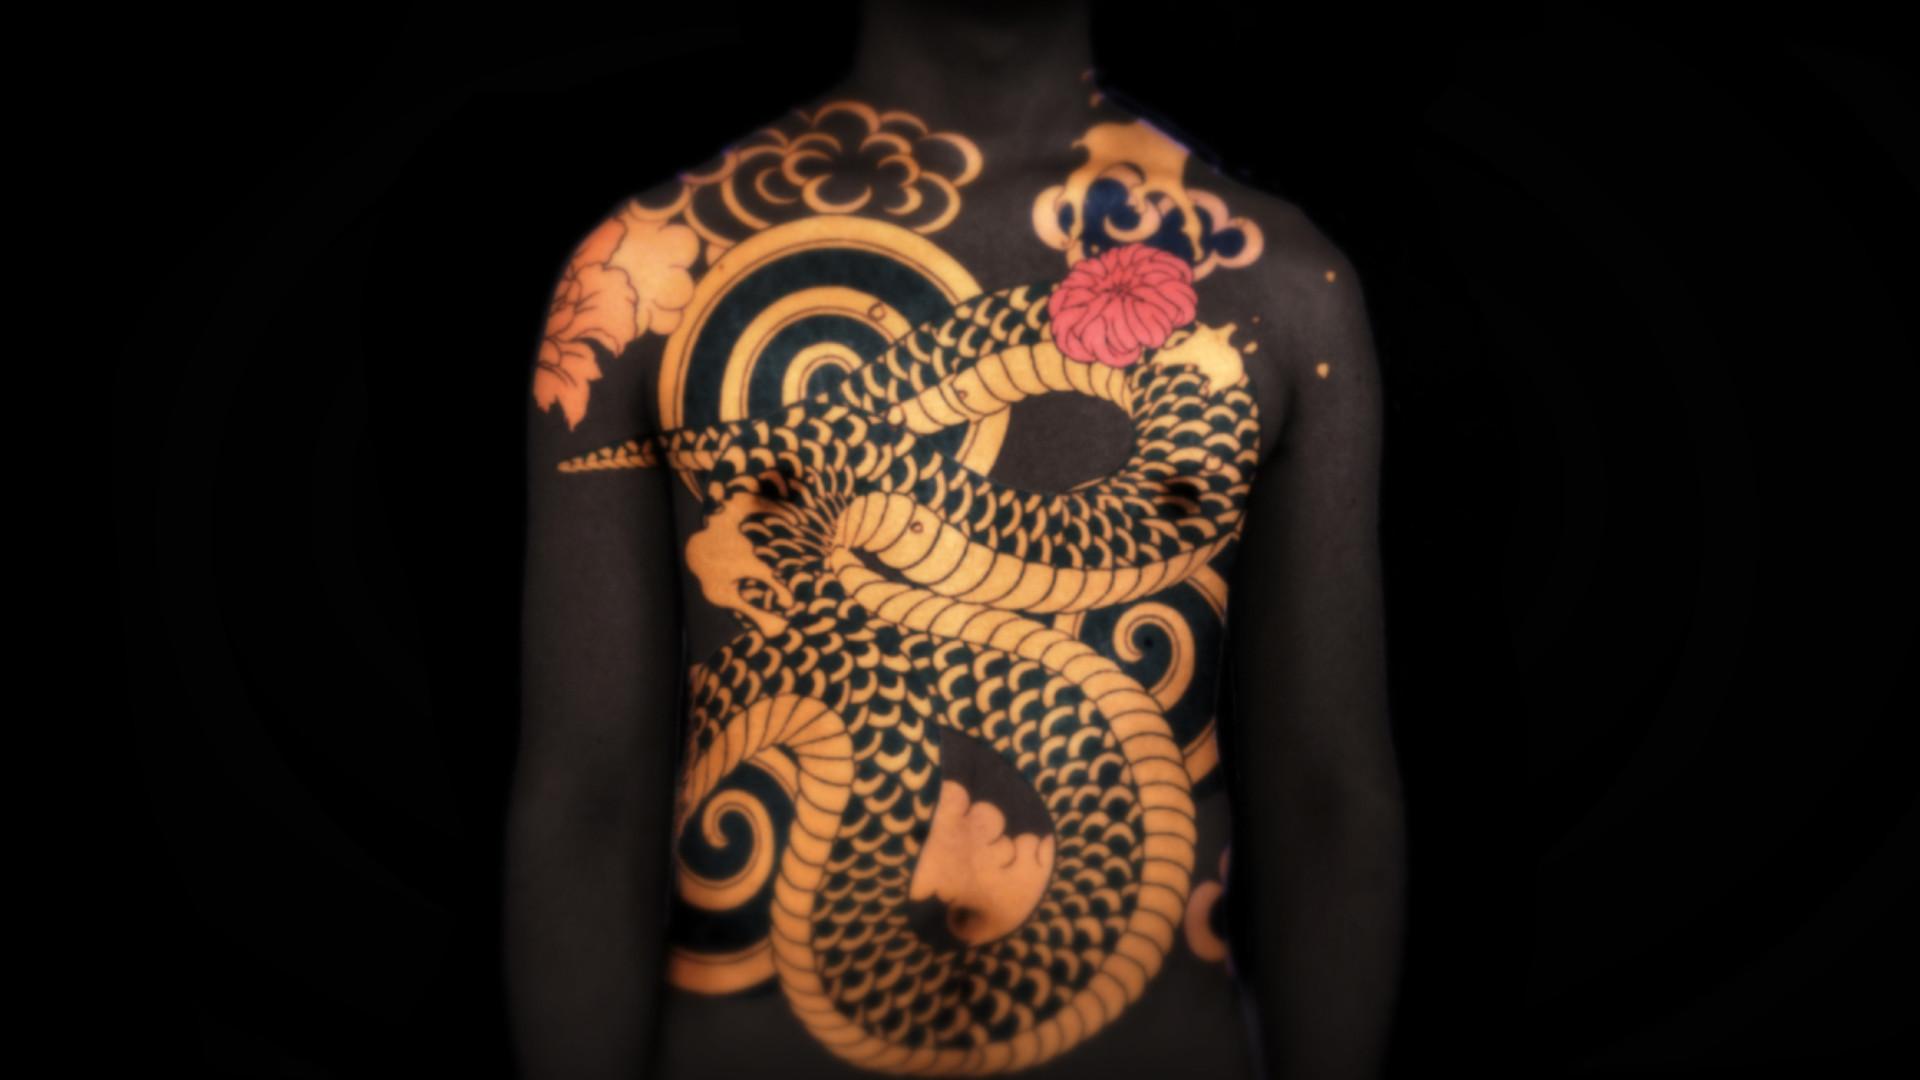 1920x1080 Tattoo Wallpapers, Fine HDQ Tattoo Backgrounds Popular FHDQ Wallpapers Of Tattoo Wallpapers)